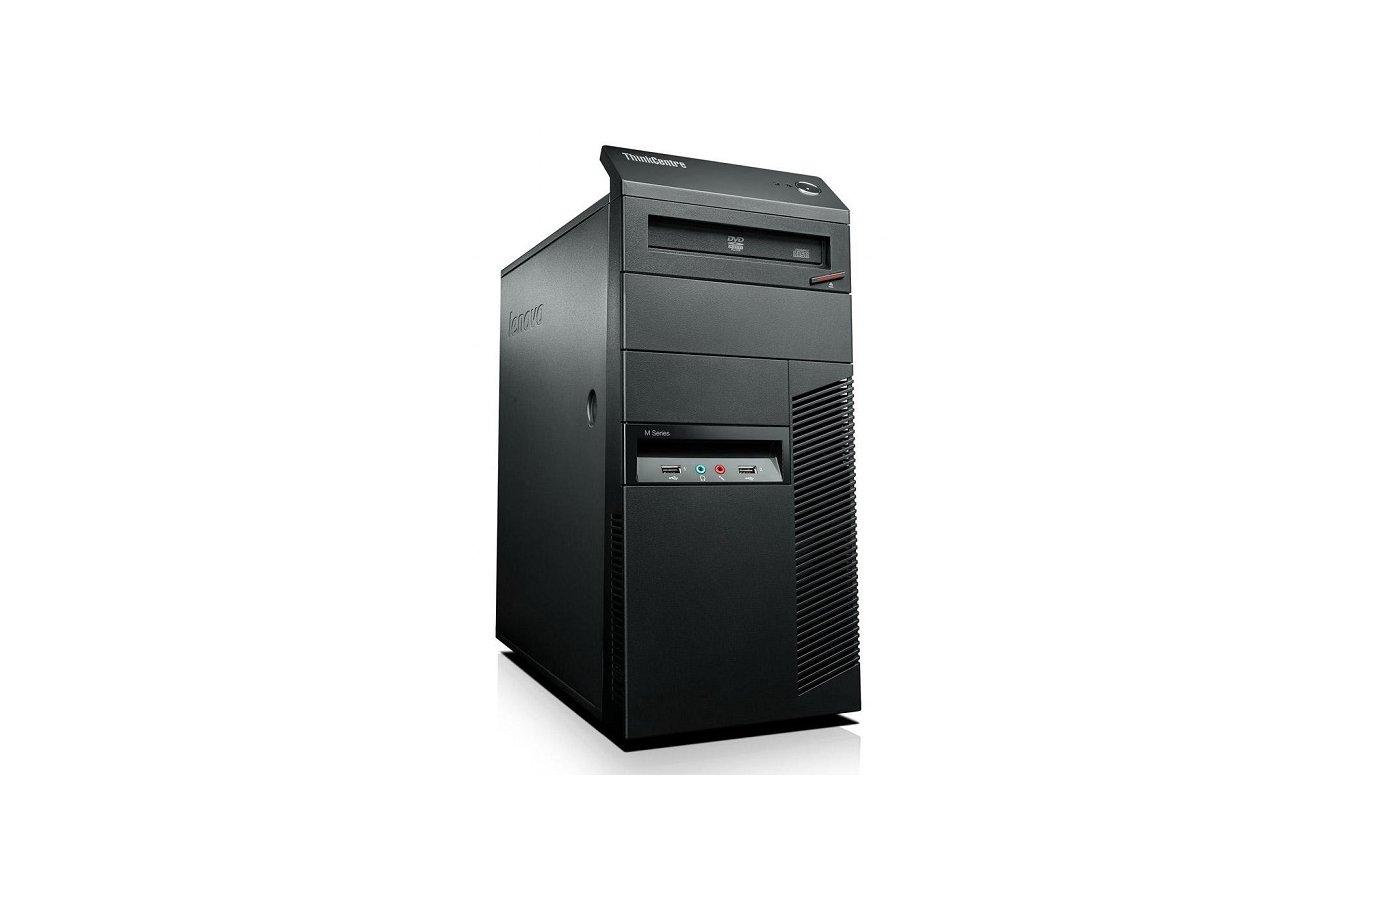 Системный блок Lenovo ThinkCentre M83 /10AGS1H200/